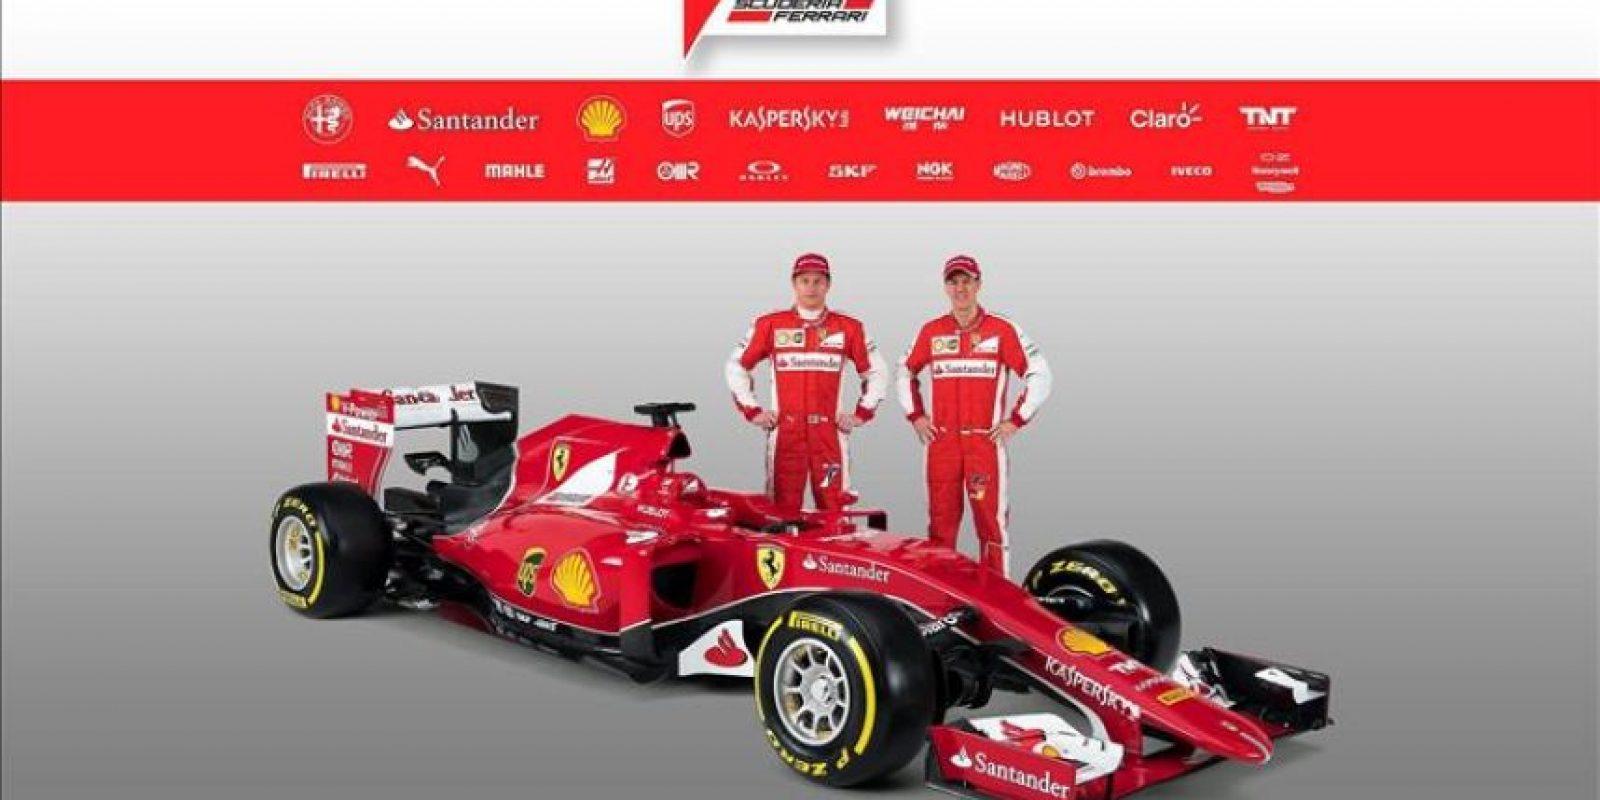 Fotografía facilitada por Ferrari que muestra a Kimi Raikkonen (izda) y a Sebastian Vettel (dcha) que posan junto al nuevo monoplaza del equipo para la temporada 2015. El SF15-T fue presentado en Maranello (Italia) hoy, viernes 30 de enero de 2015. EFE